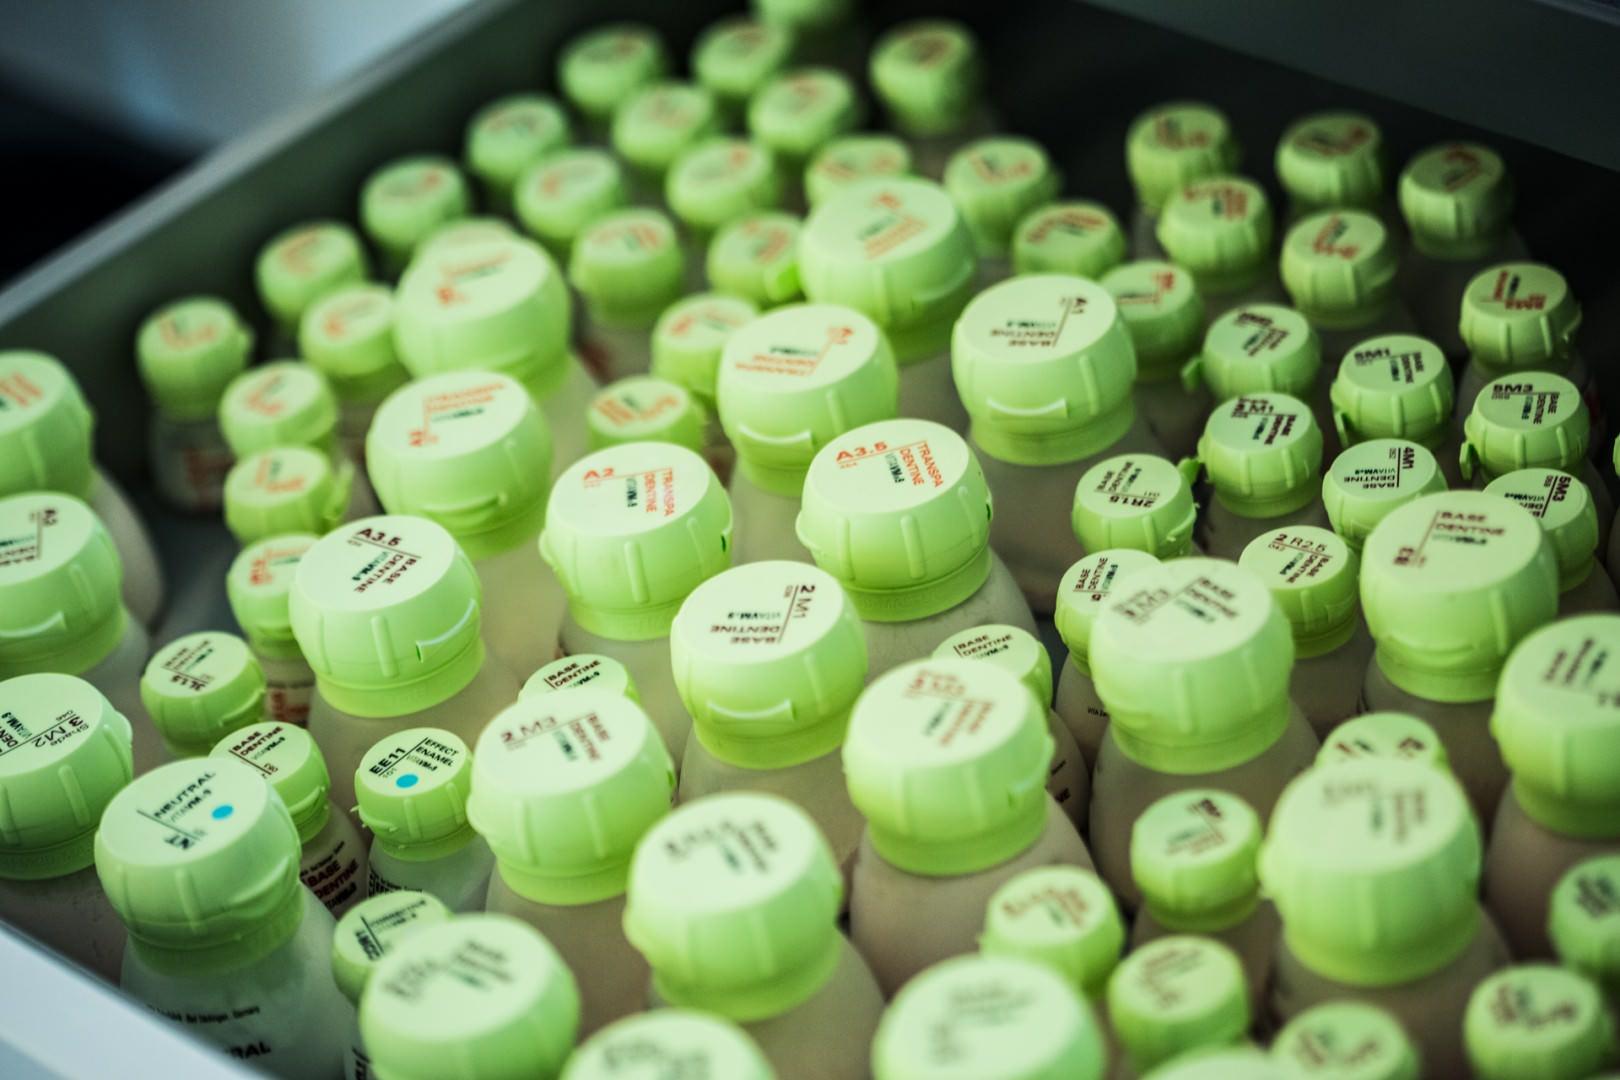 Foto von Flaschendeckeln zahntechnischen Materials